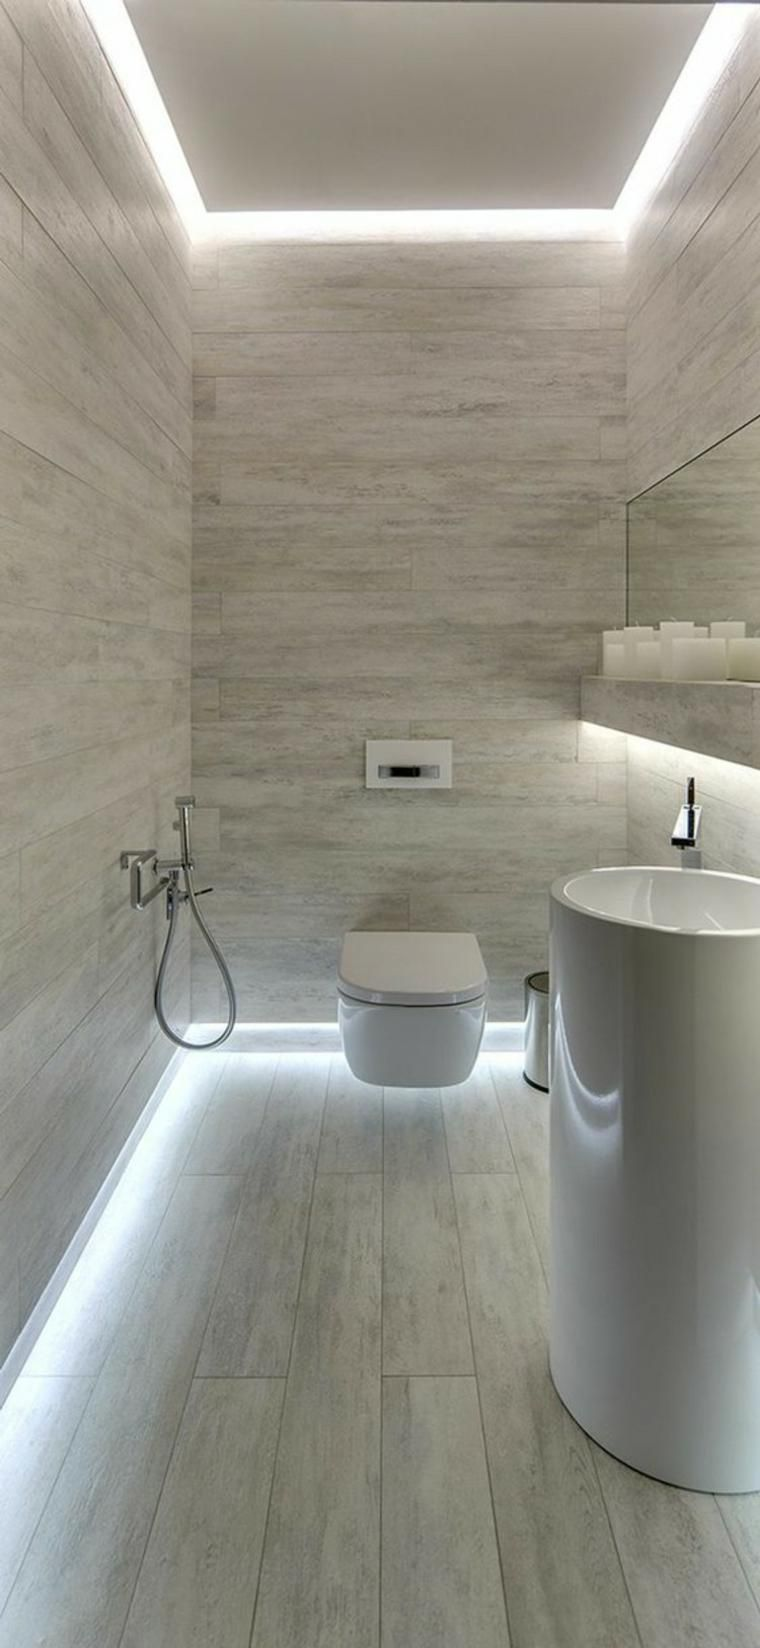 Indirekte Led Innenbeleuchtung 42 Ideen Bad Einrichten Schone Badezimmer Kleines Bad Einrichten